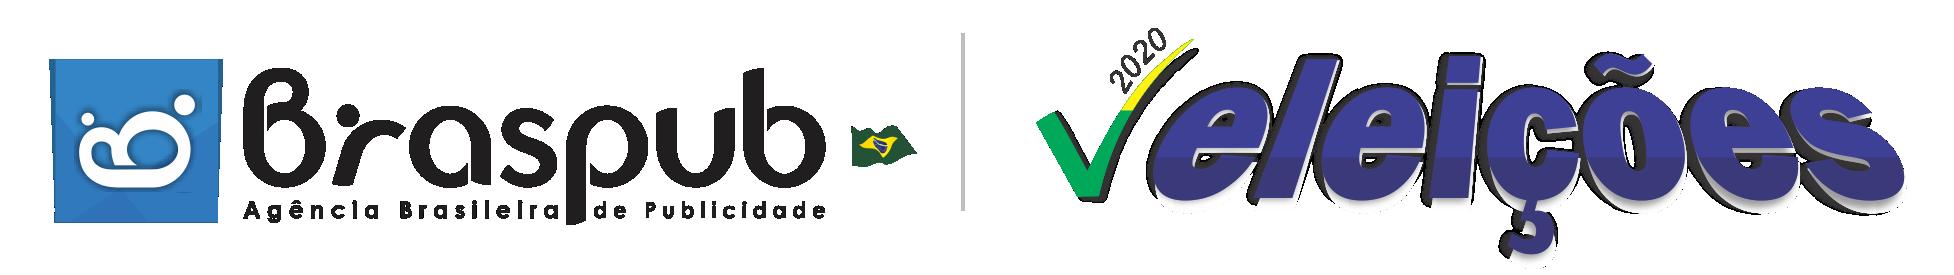 Logotipo-Emakerting-Ajuste